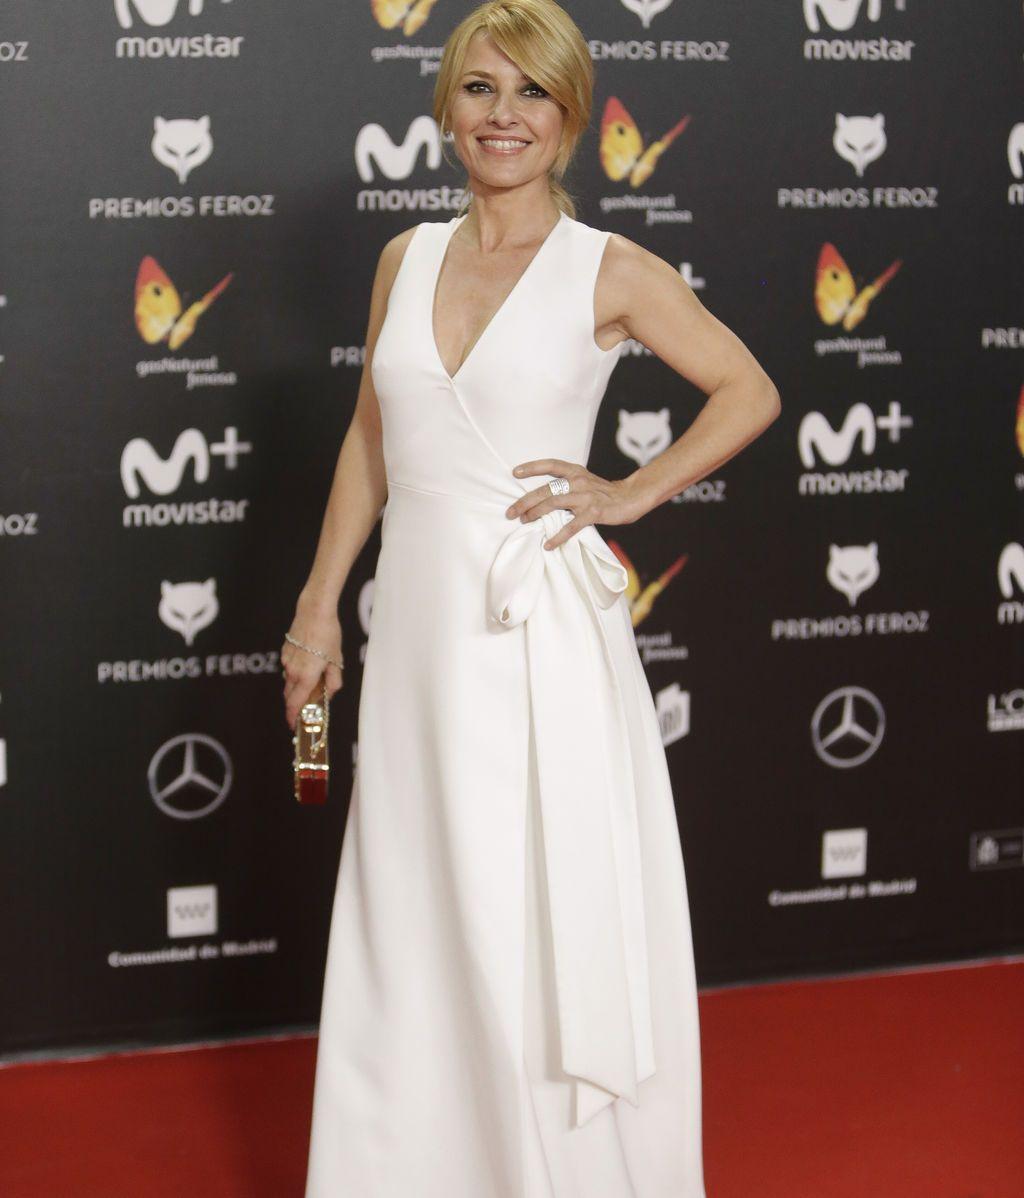 Úrsula Corberó, PauEche, Vanesa Romero... La alfombra roja de los Premios Feroz, en fotos